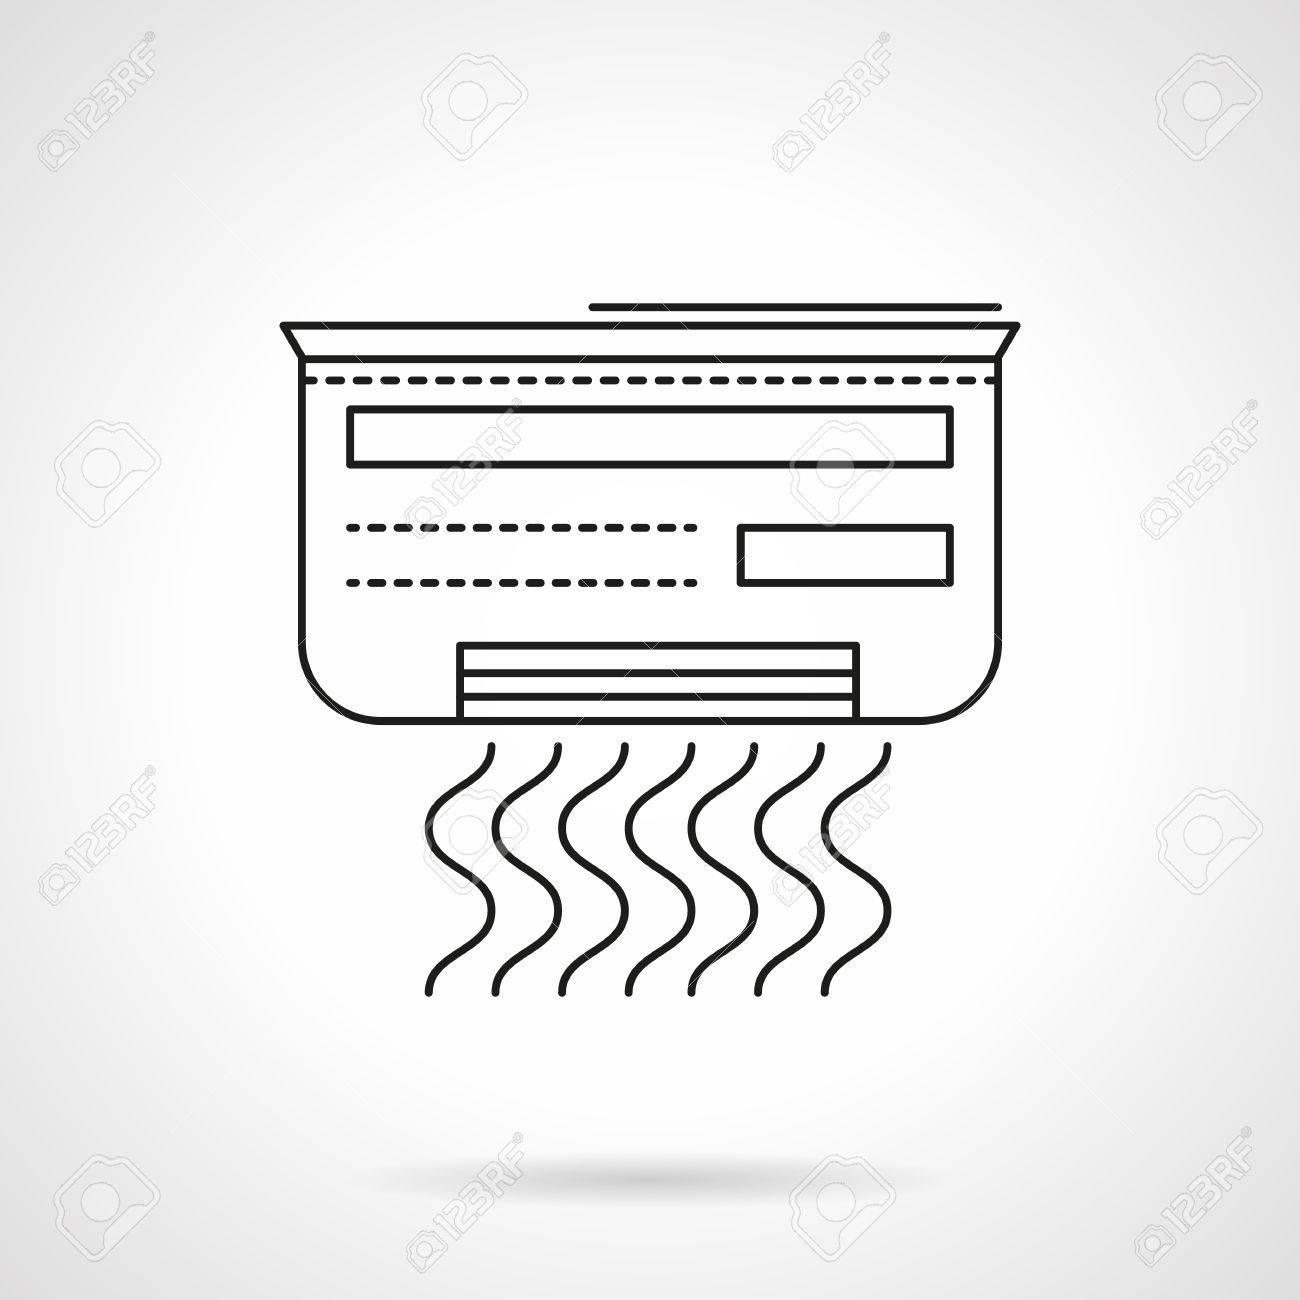 Klimaanlage Mit Dem Symbol Der Wellen Die Ausrüstung Für Ein